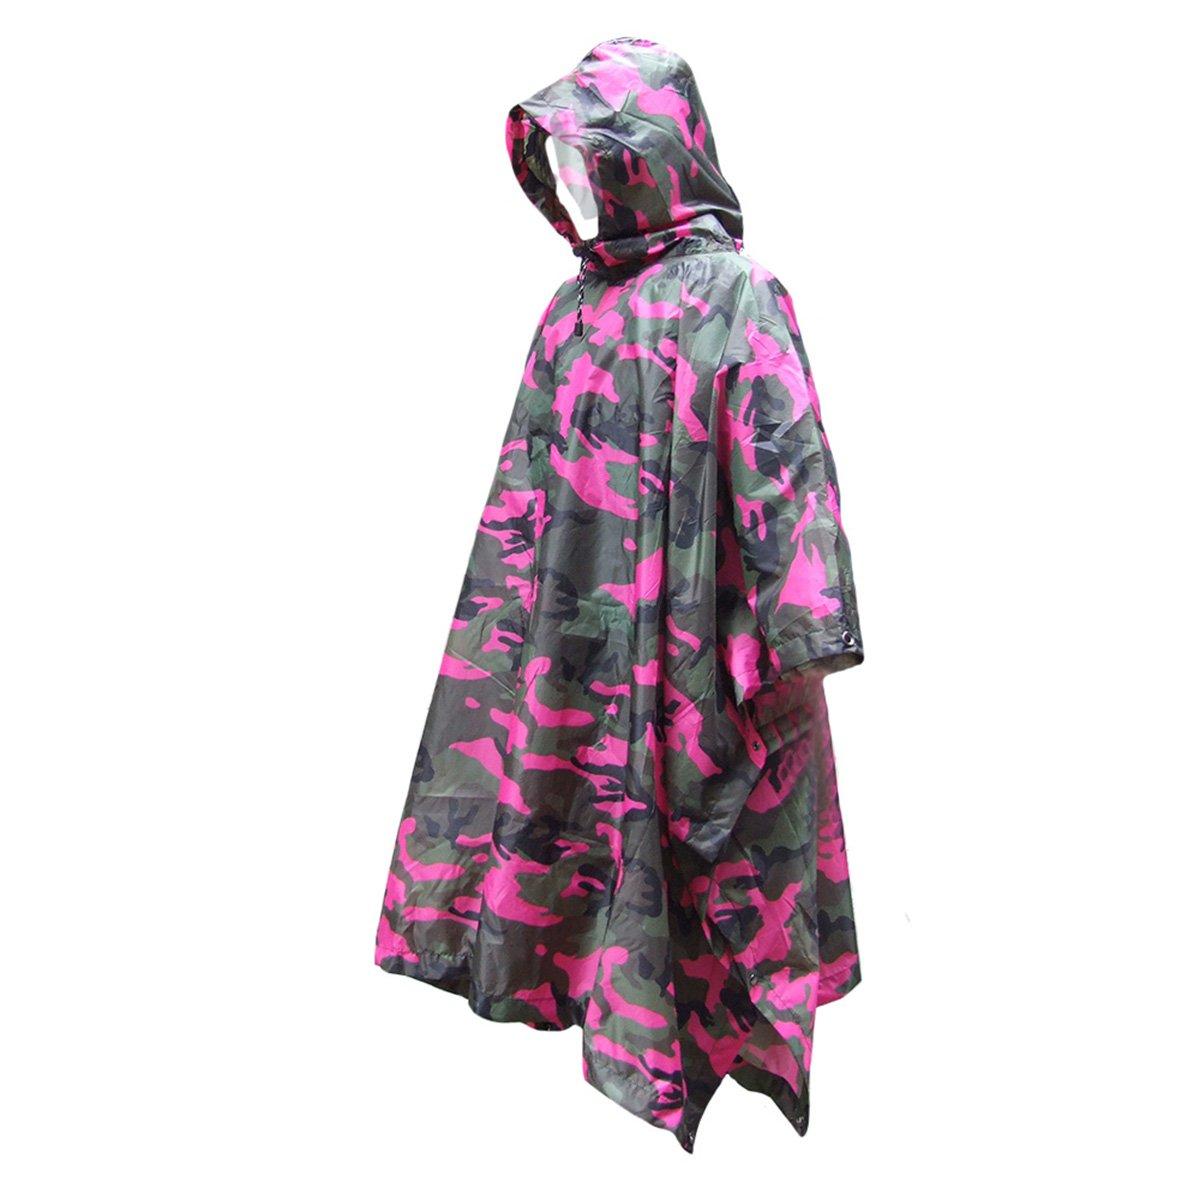 rosig Pixnor Multifunktionale Camouflage Regenjacke Poncho Regenkleidung f/ür Klettern Wandern Camping Radfahren